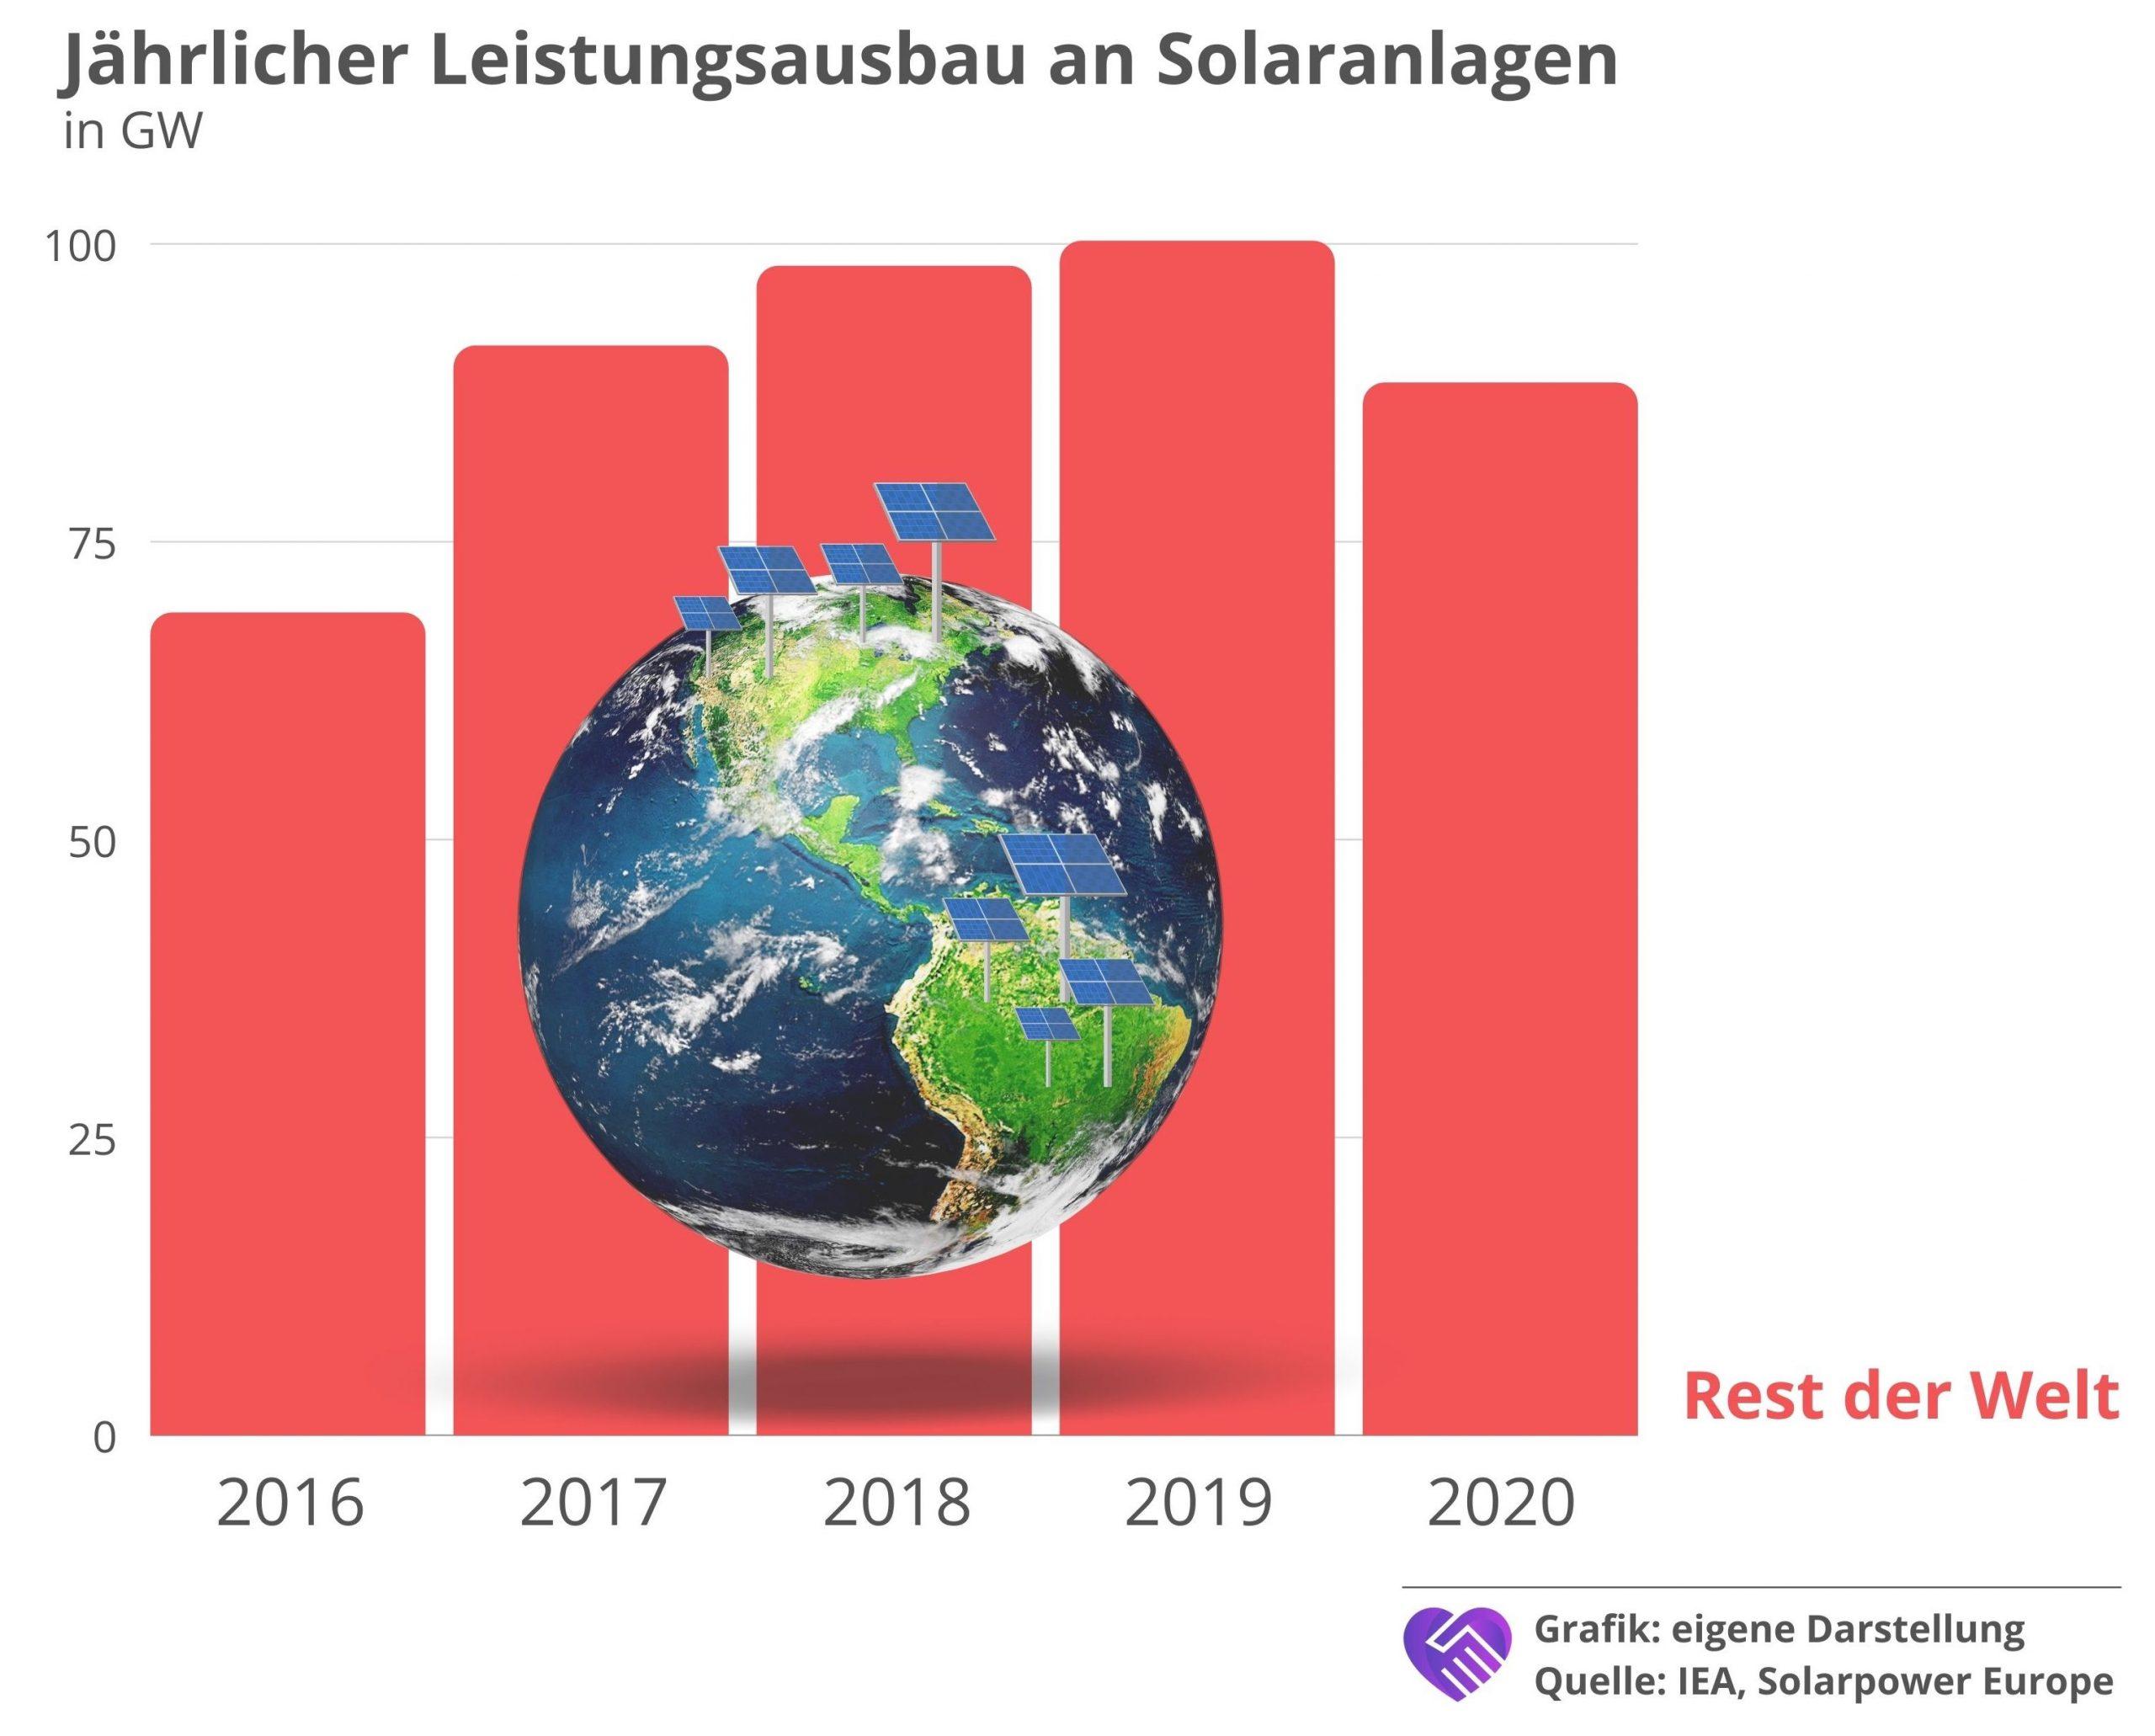 7C Solarparken Aktie Analyse Stromproduktion Ausbau Solaranlagen Rest der Welt